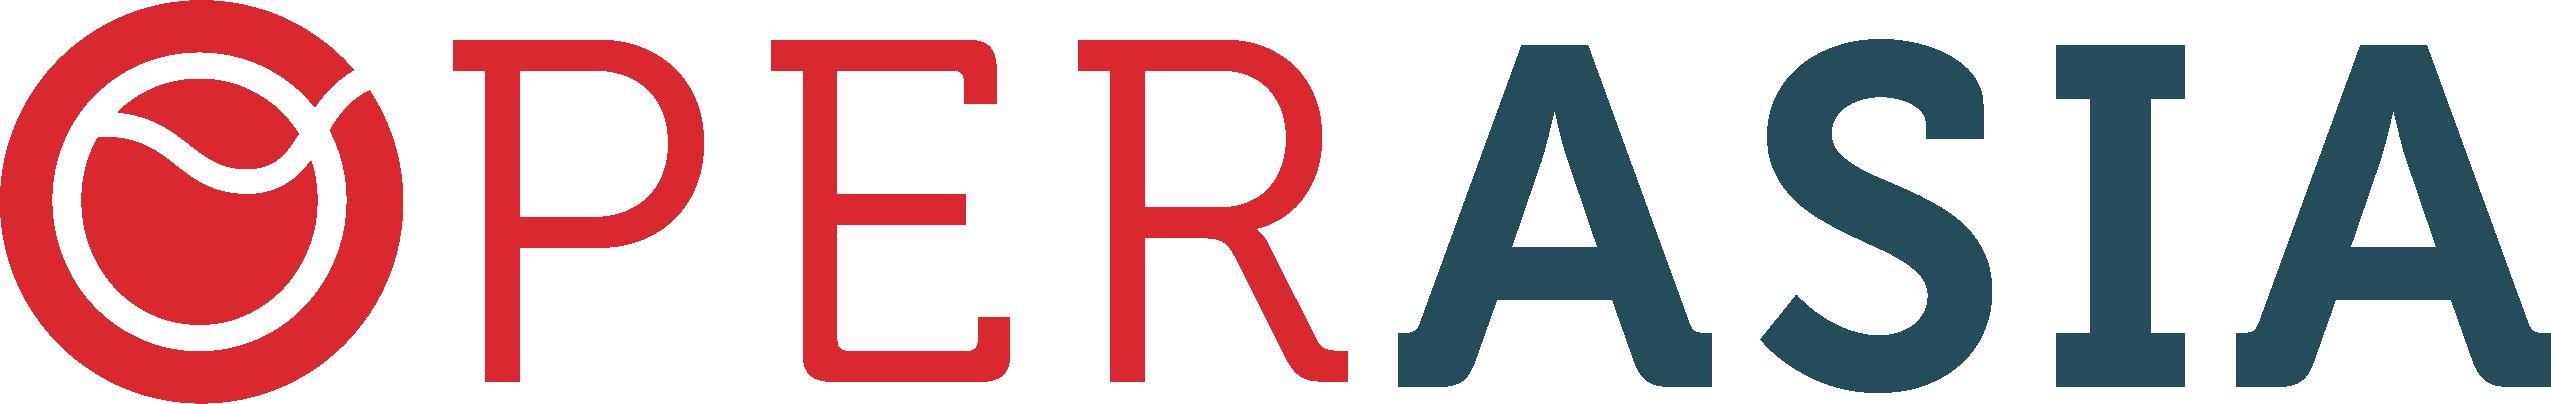 Logotipo Operasia